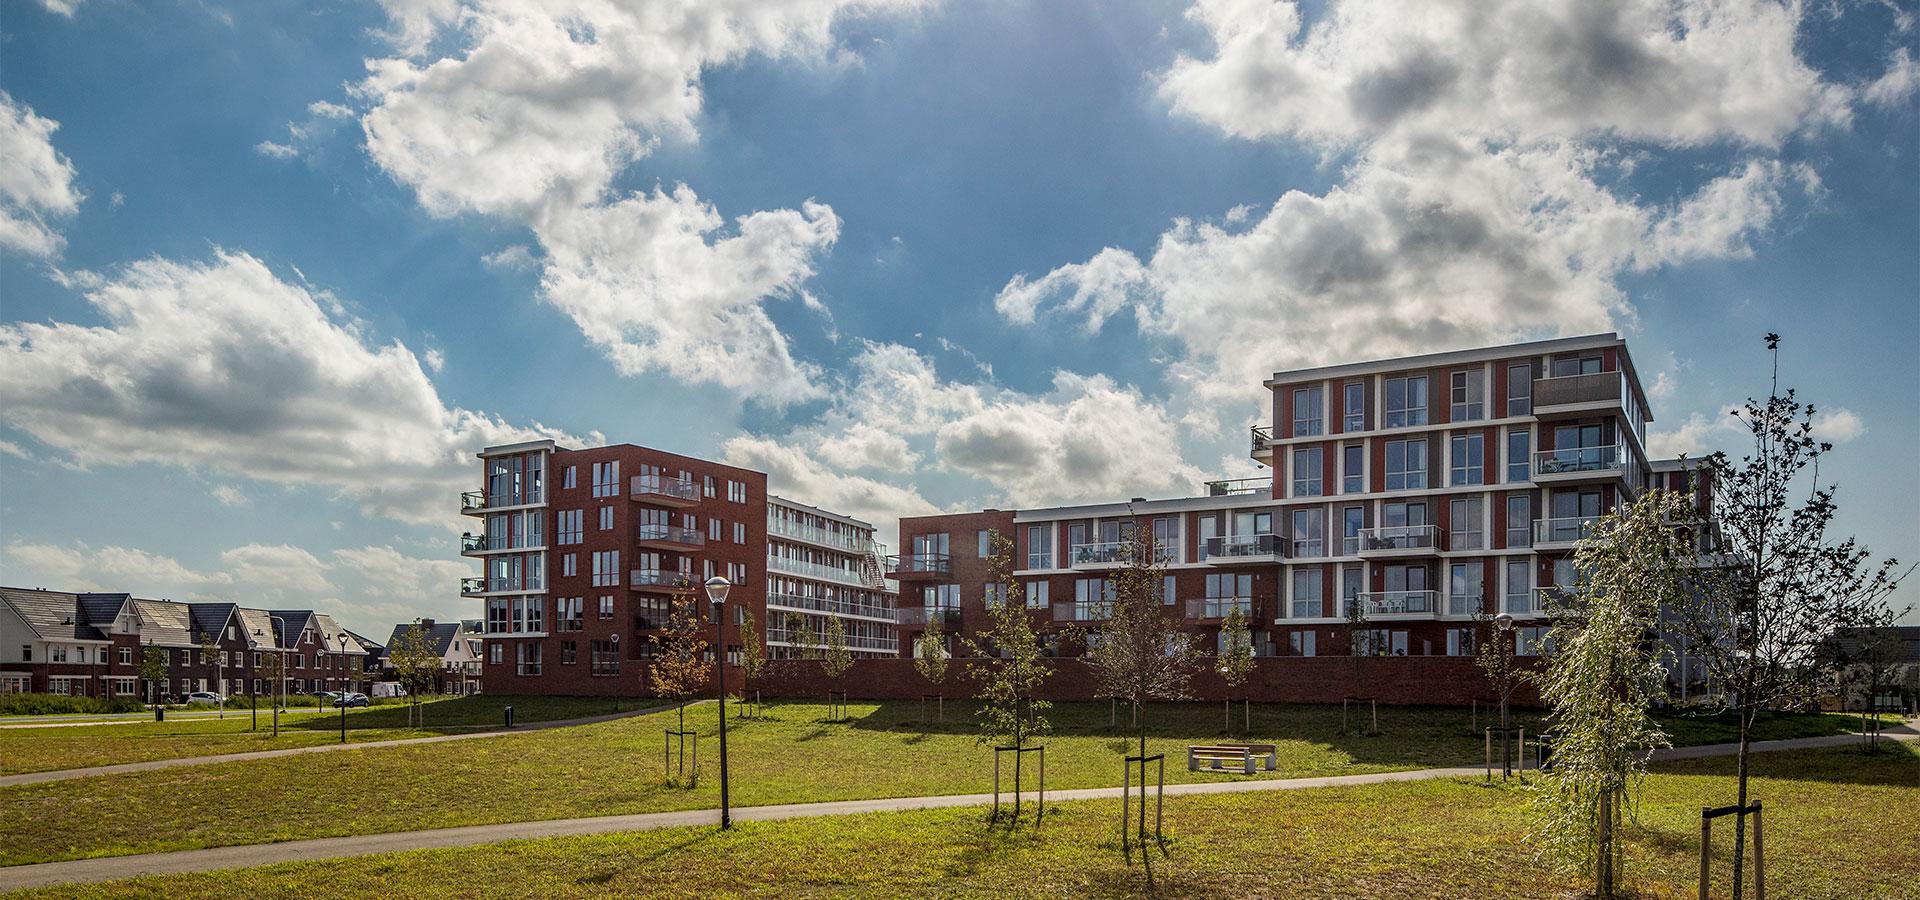 FARO architecten Hooghkamer Voorhout 06